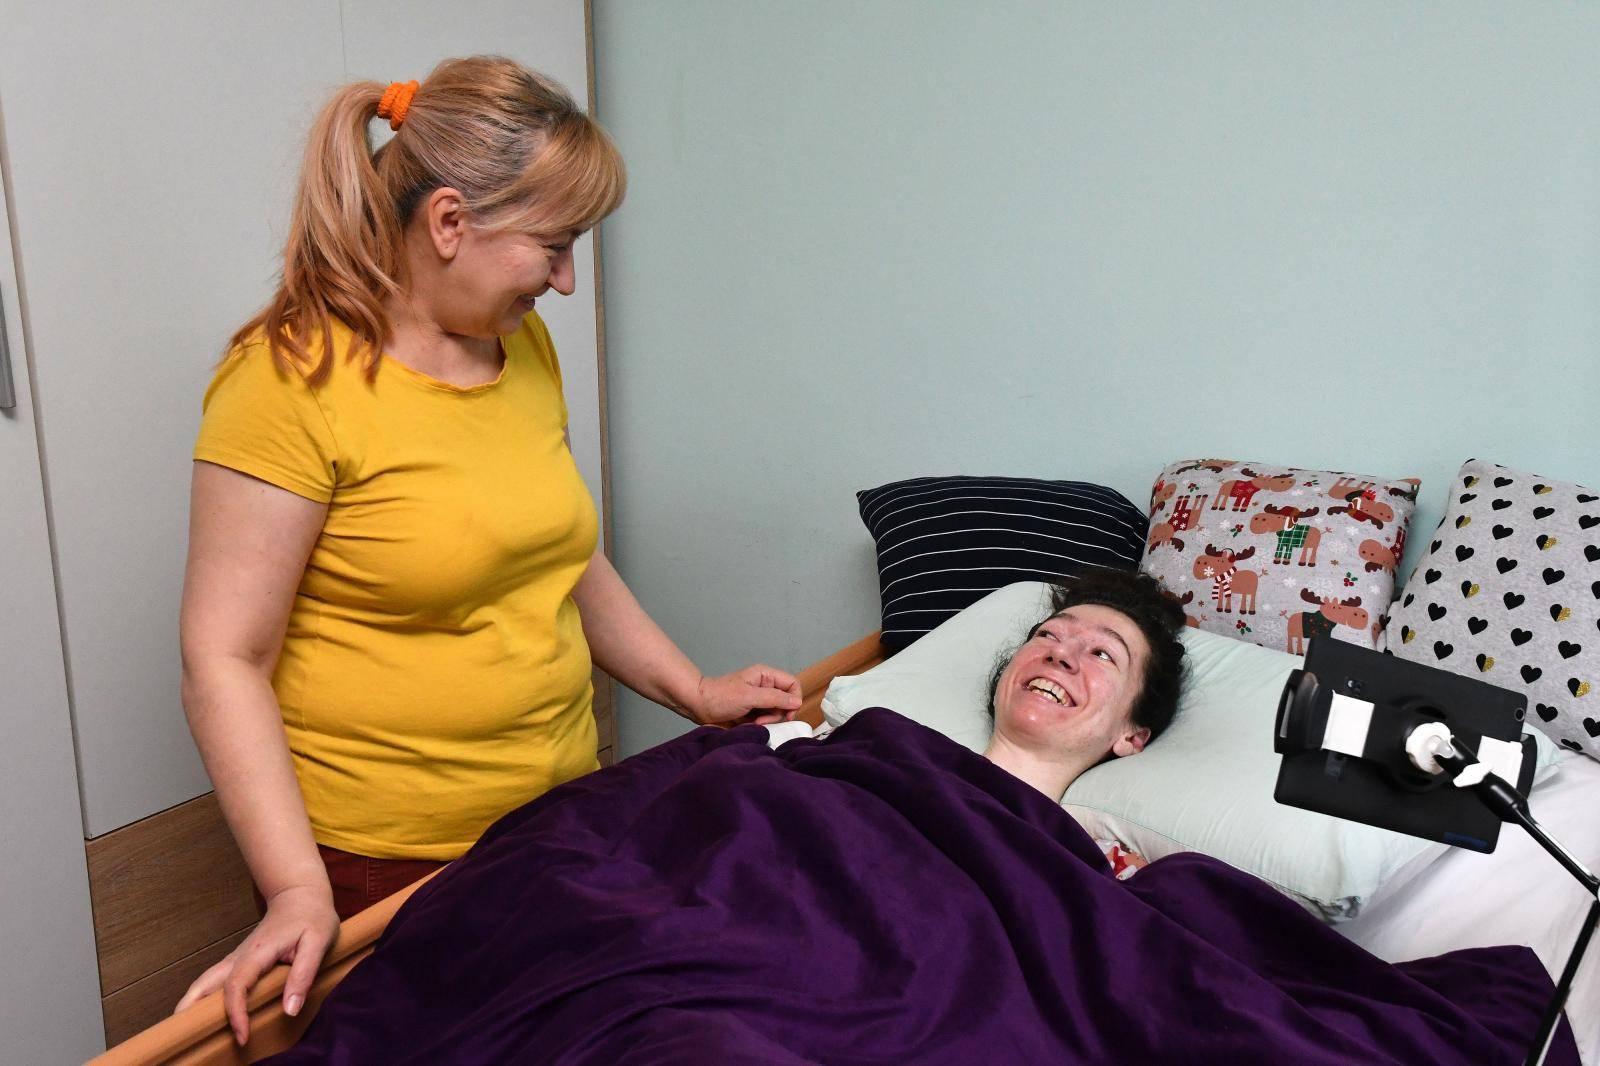 Slavonski Brod - Teško bolesna Anita Herceg i majka Verica koja danonoæno skrbi o njoj.